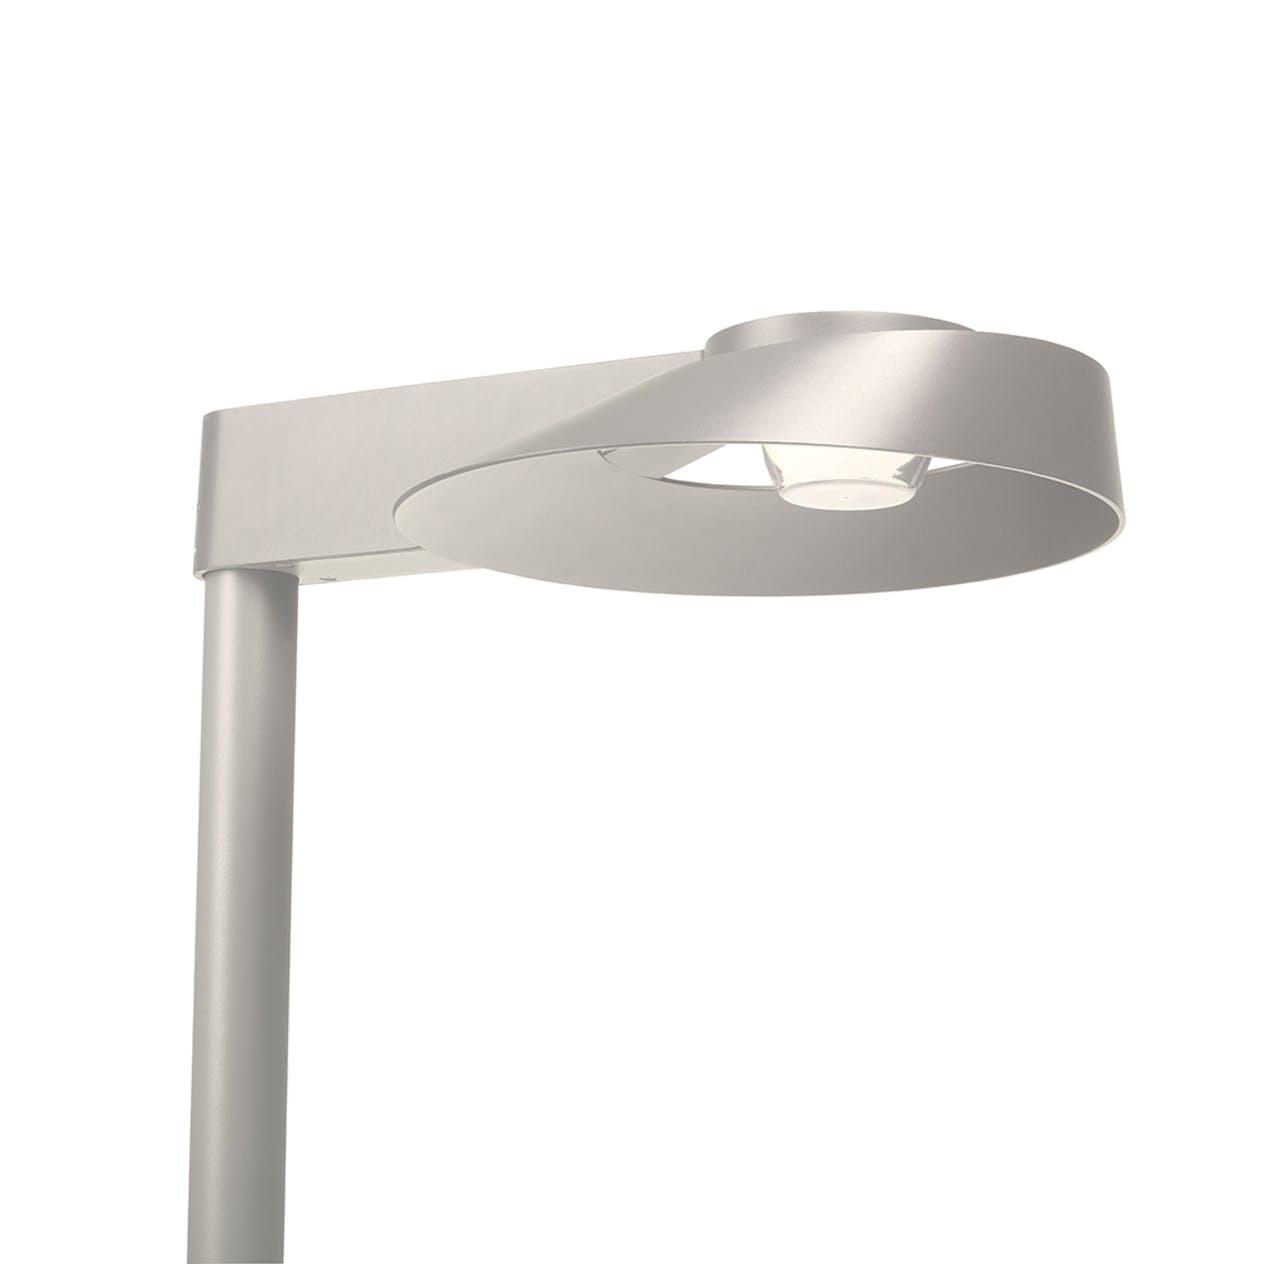 Lampa na słup SUNNFJORD LED 1508AL -Norlys  SPRAWDŹ RABATY  5-10-15-20 % w koszyku